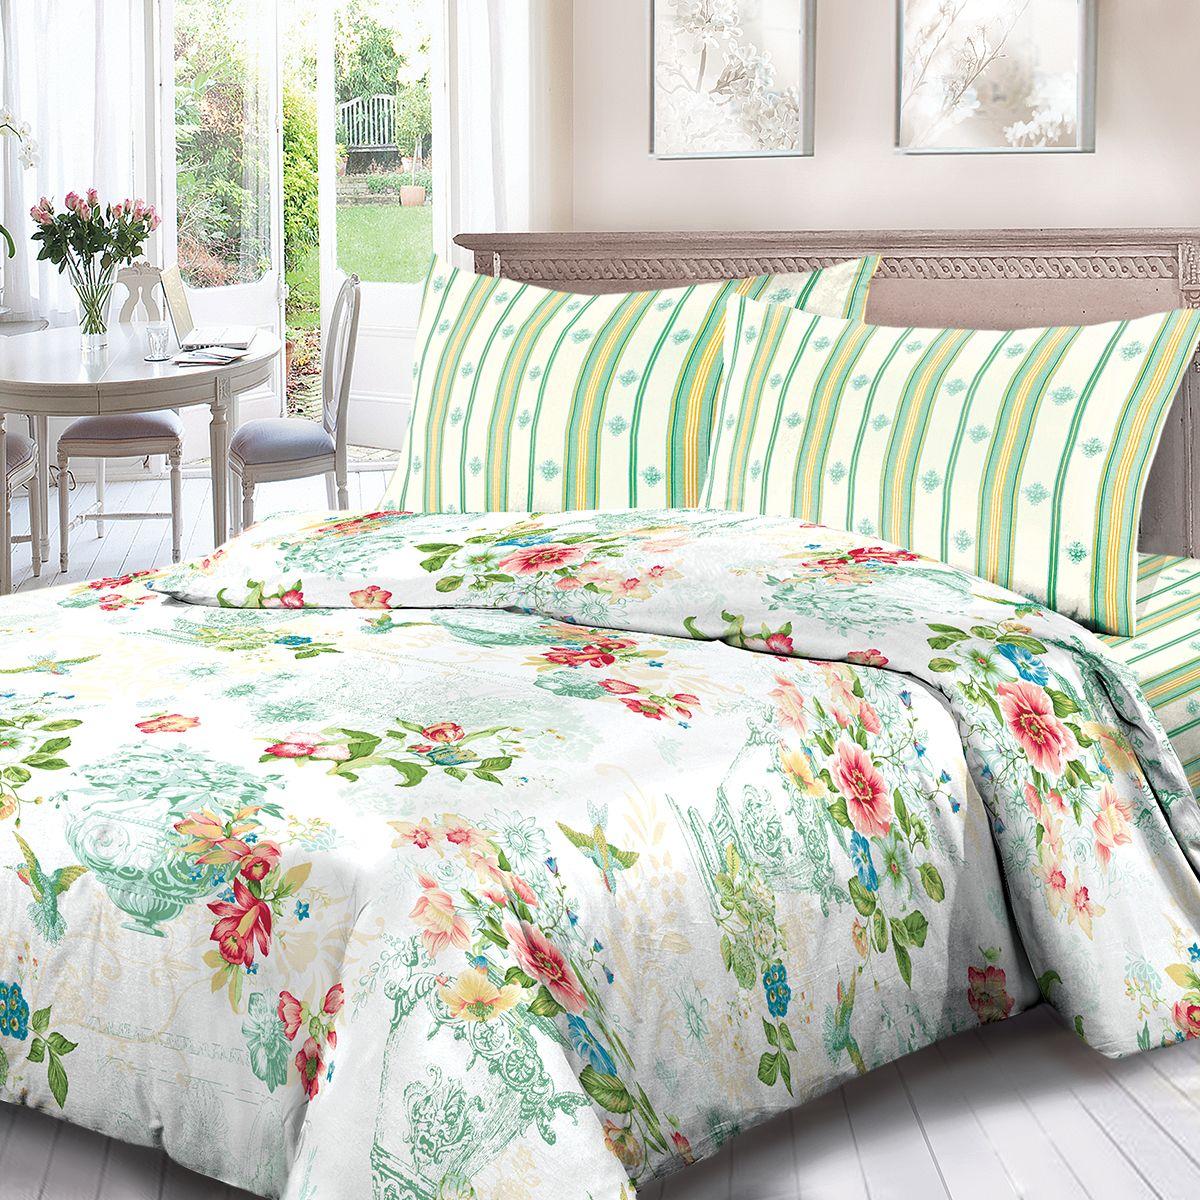 Комплект белья Для Снов Колибри, семейный, наволочки 70x70, цвет: зеленый. 1812-184464